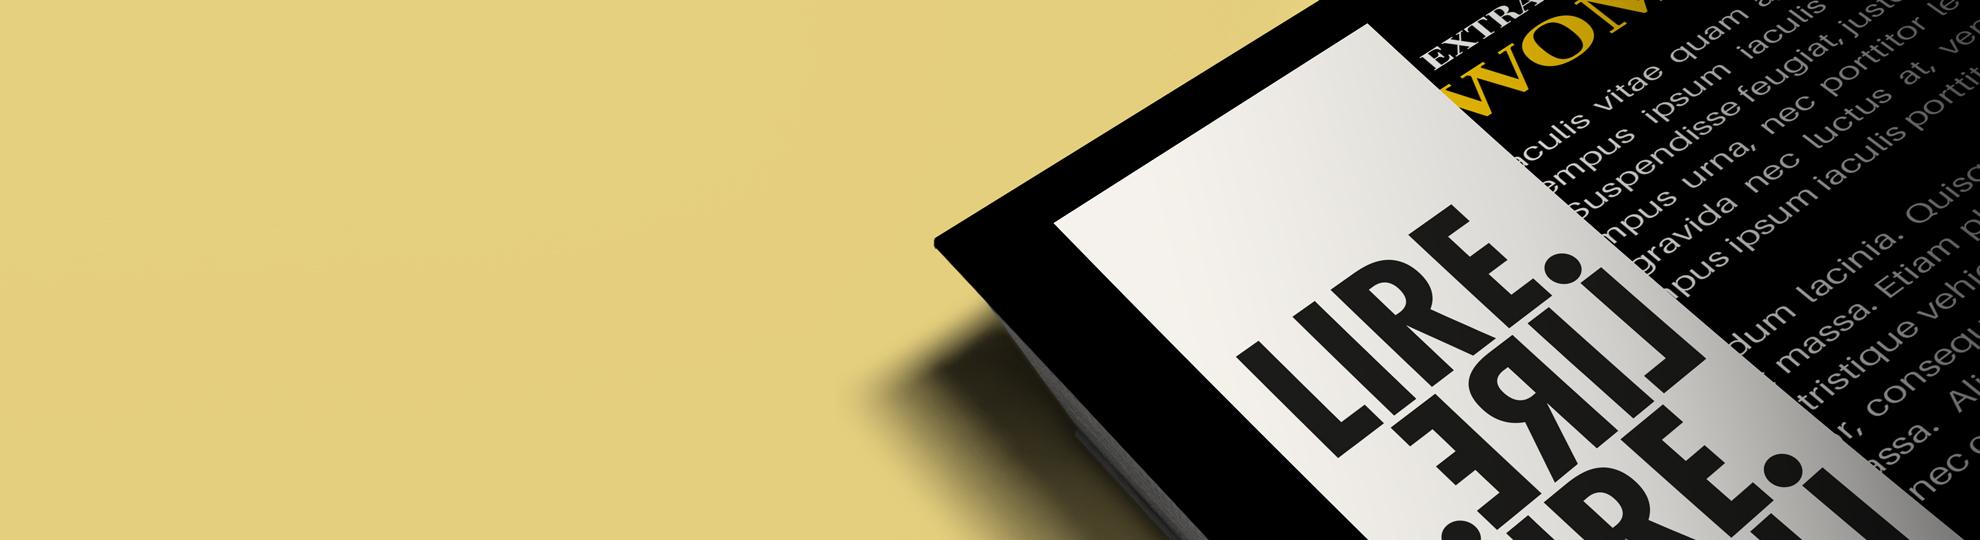 Marque-page personnalisé à imprimer